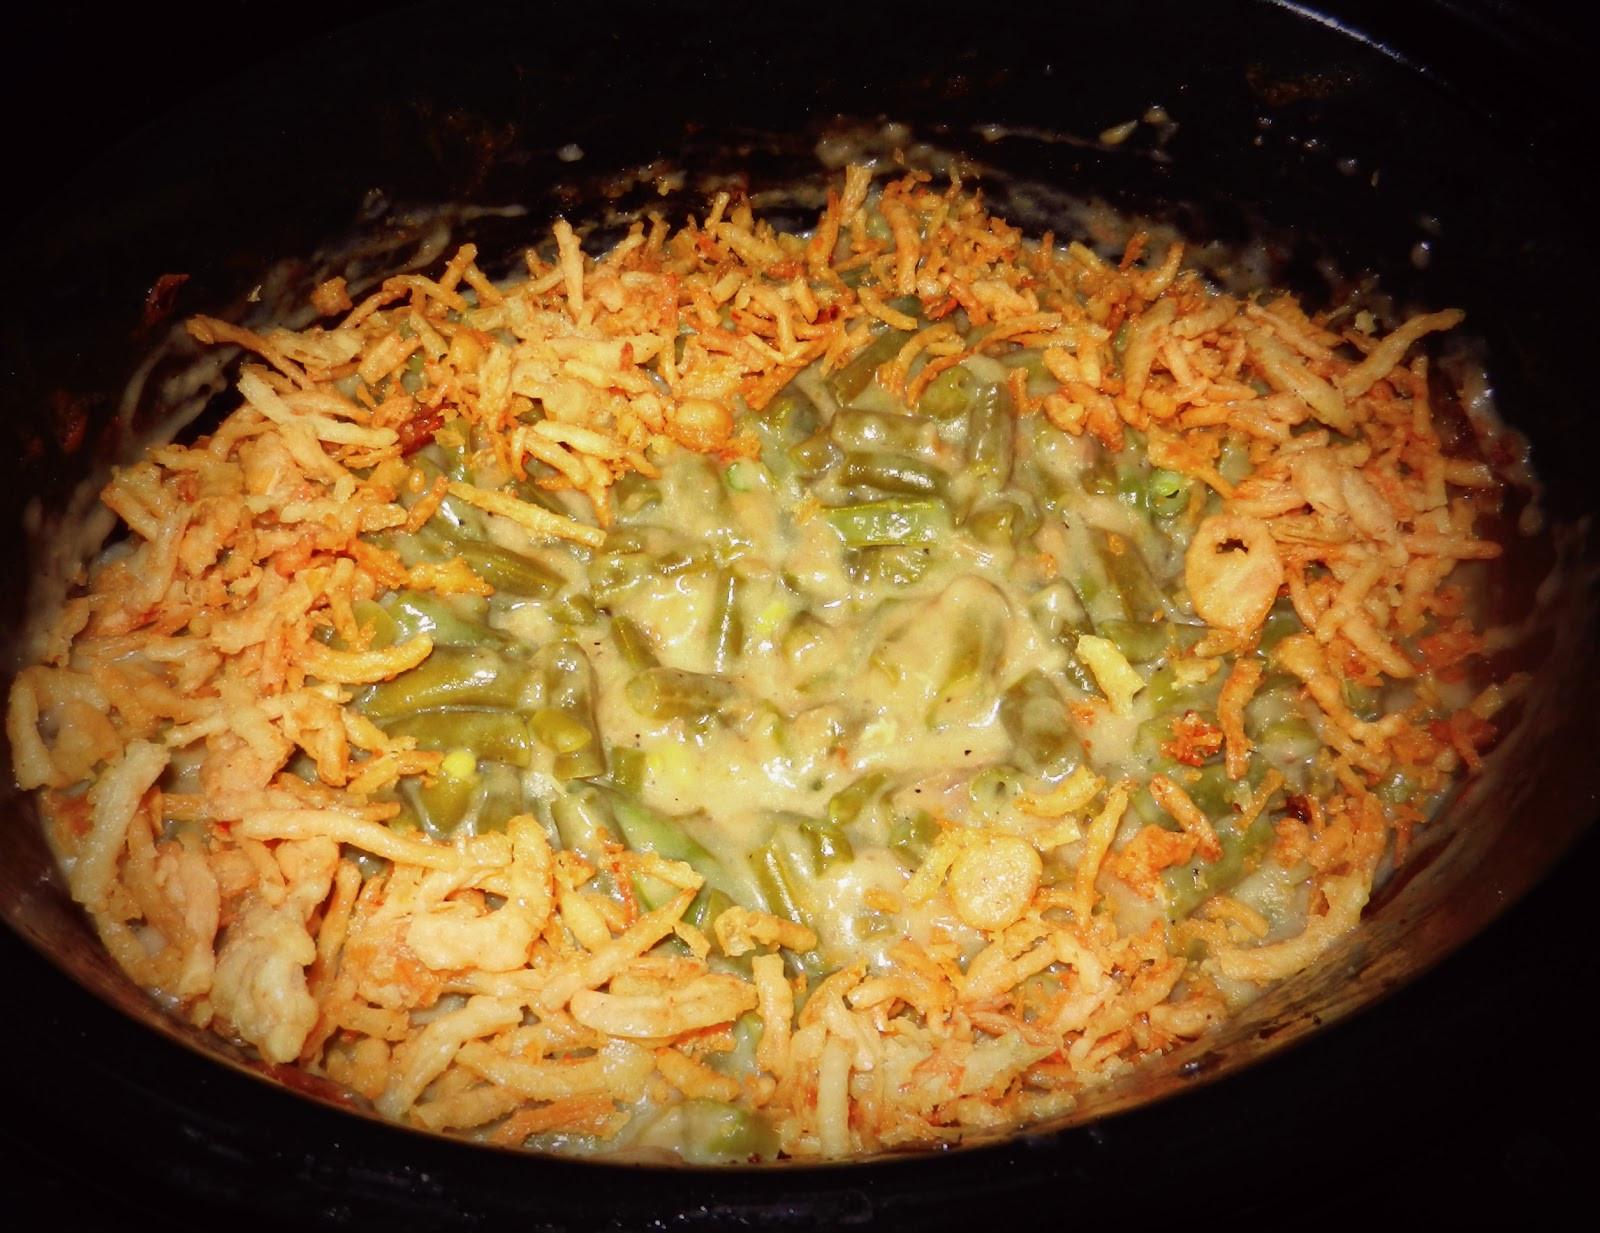 Crock Pot Green Bean Casserole  Cookin Stuff Green Bean Casserole Crock Pot